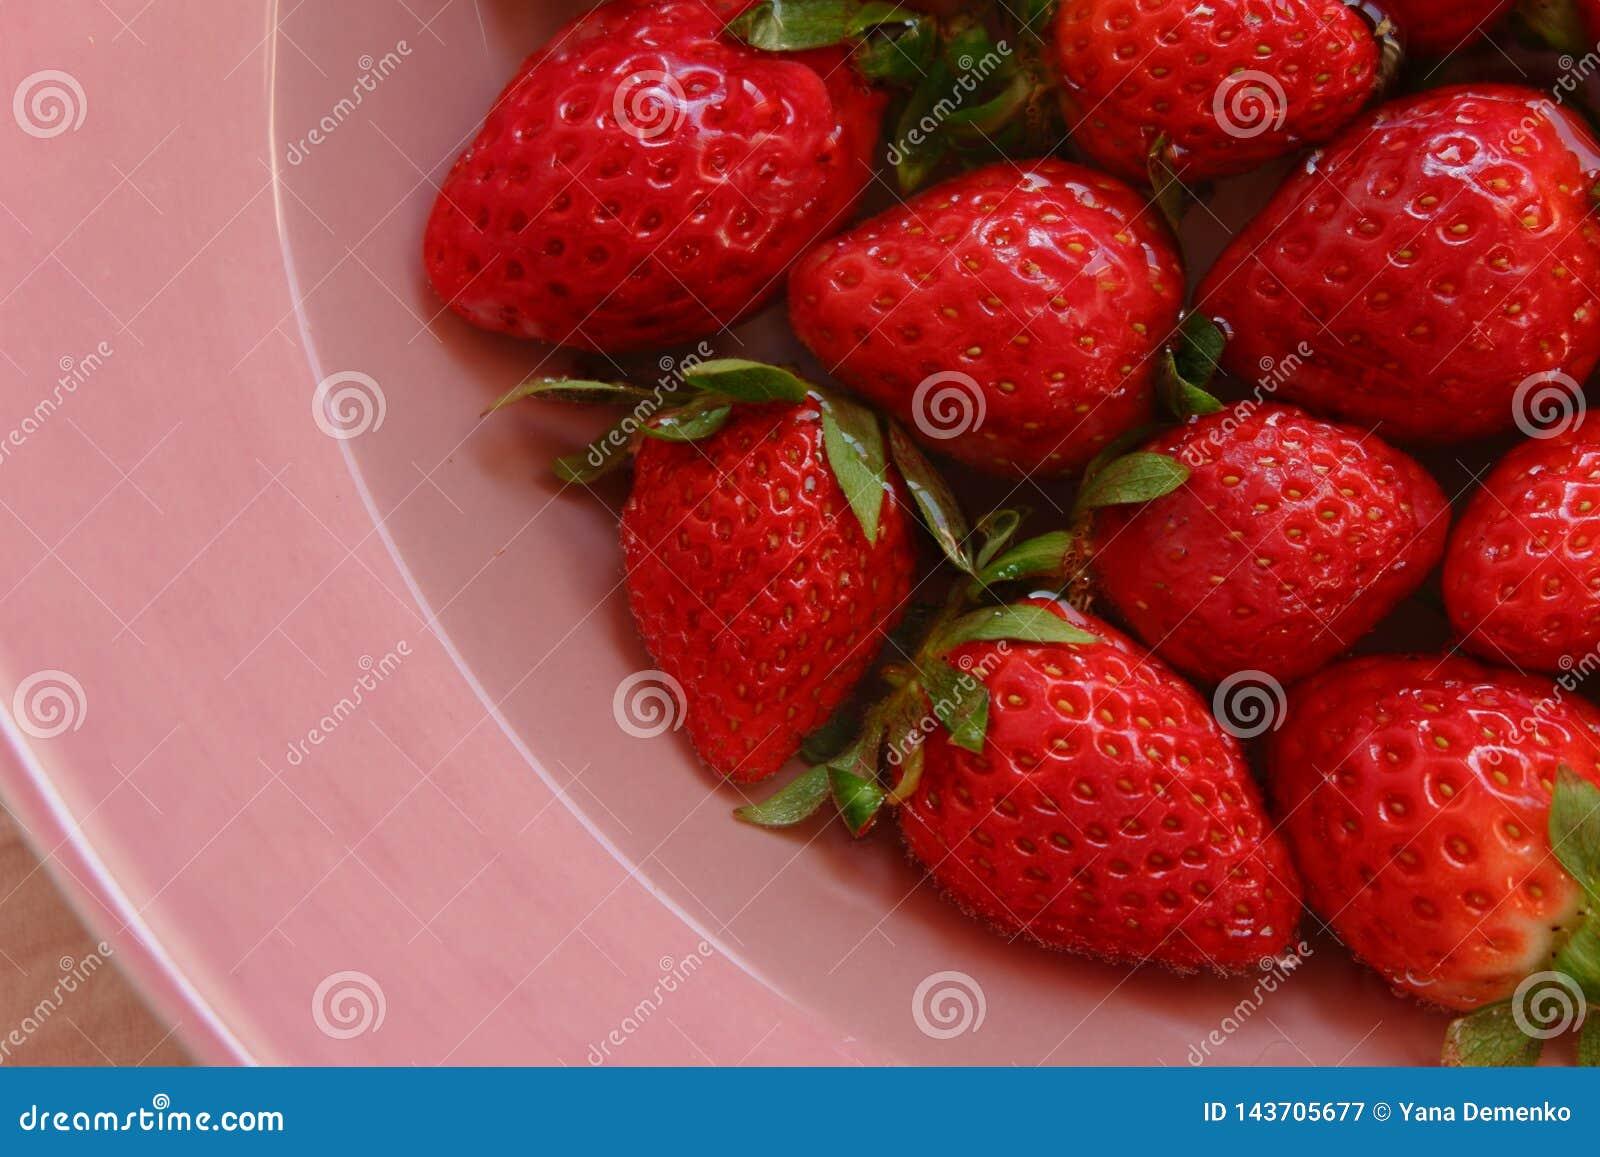 Rote strawberies der unterschiedlichen Größe auf der Platte